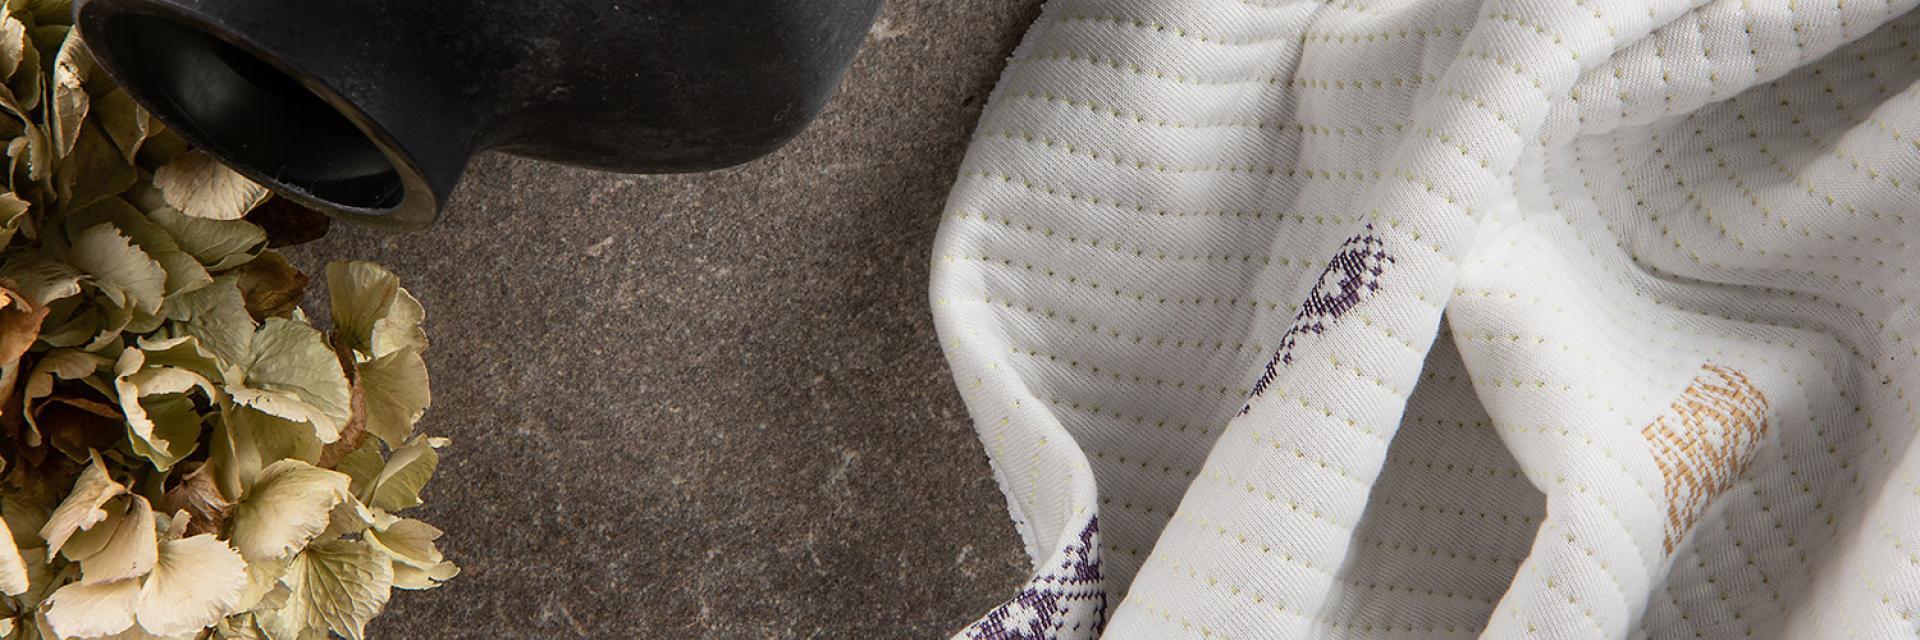 mattress-fabric-prague-gu10019